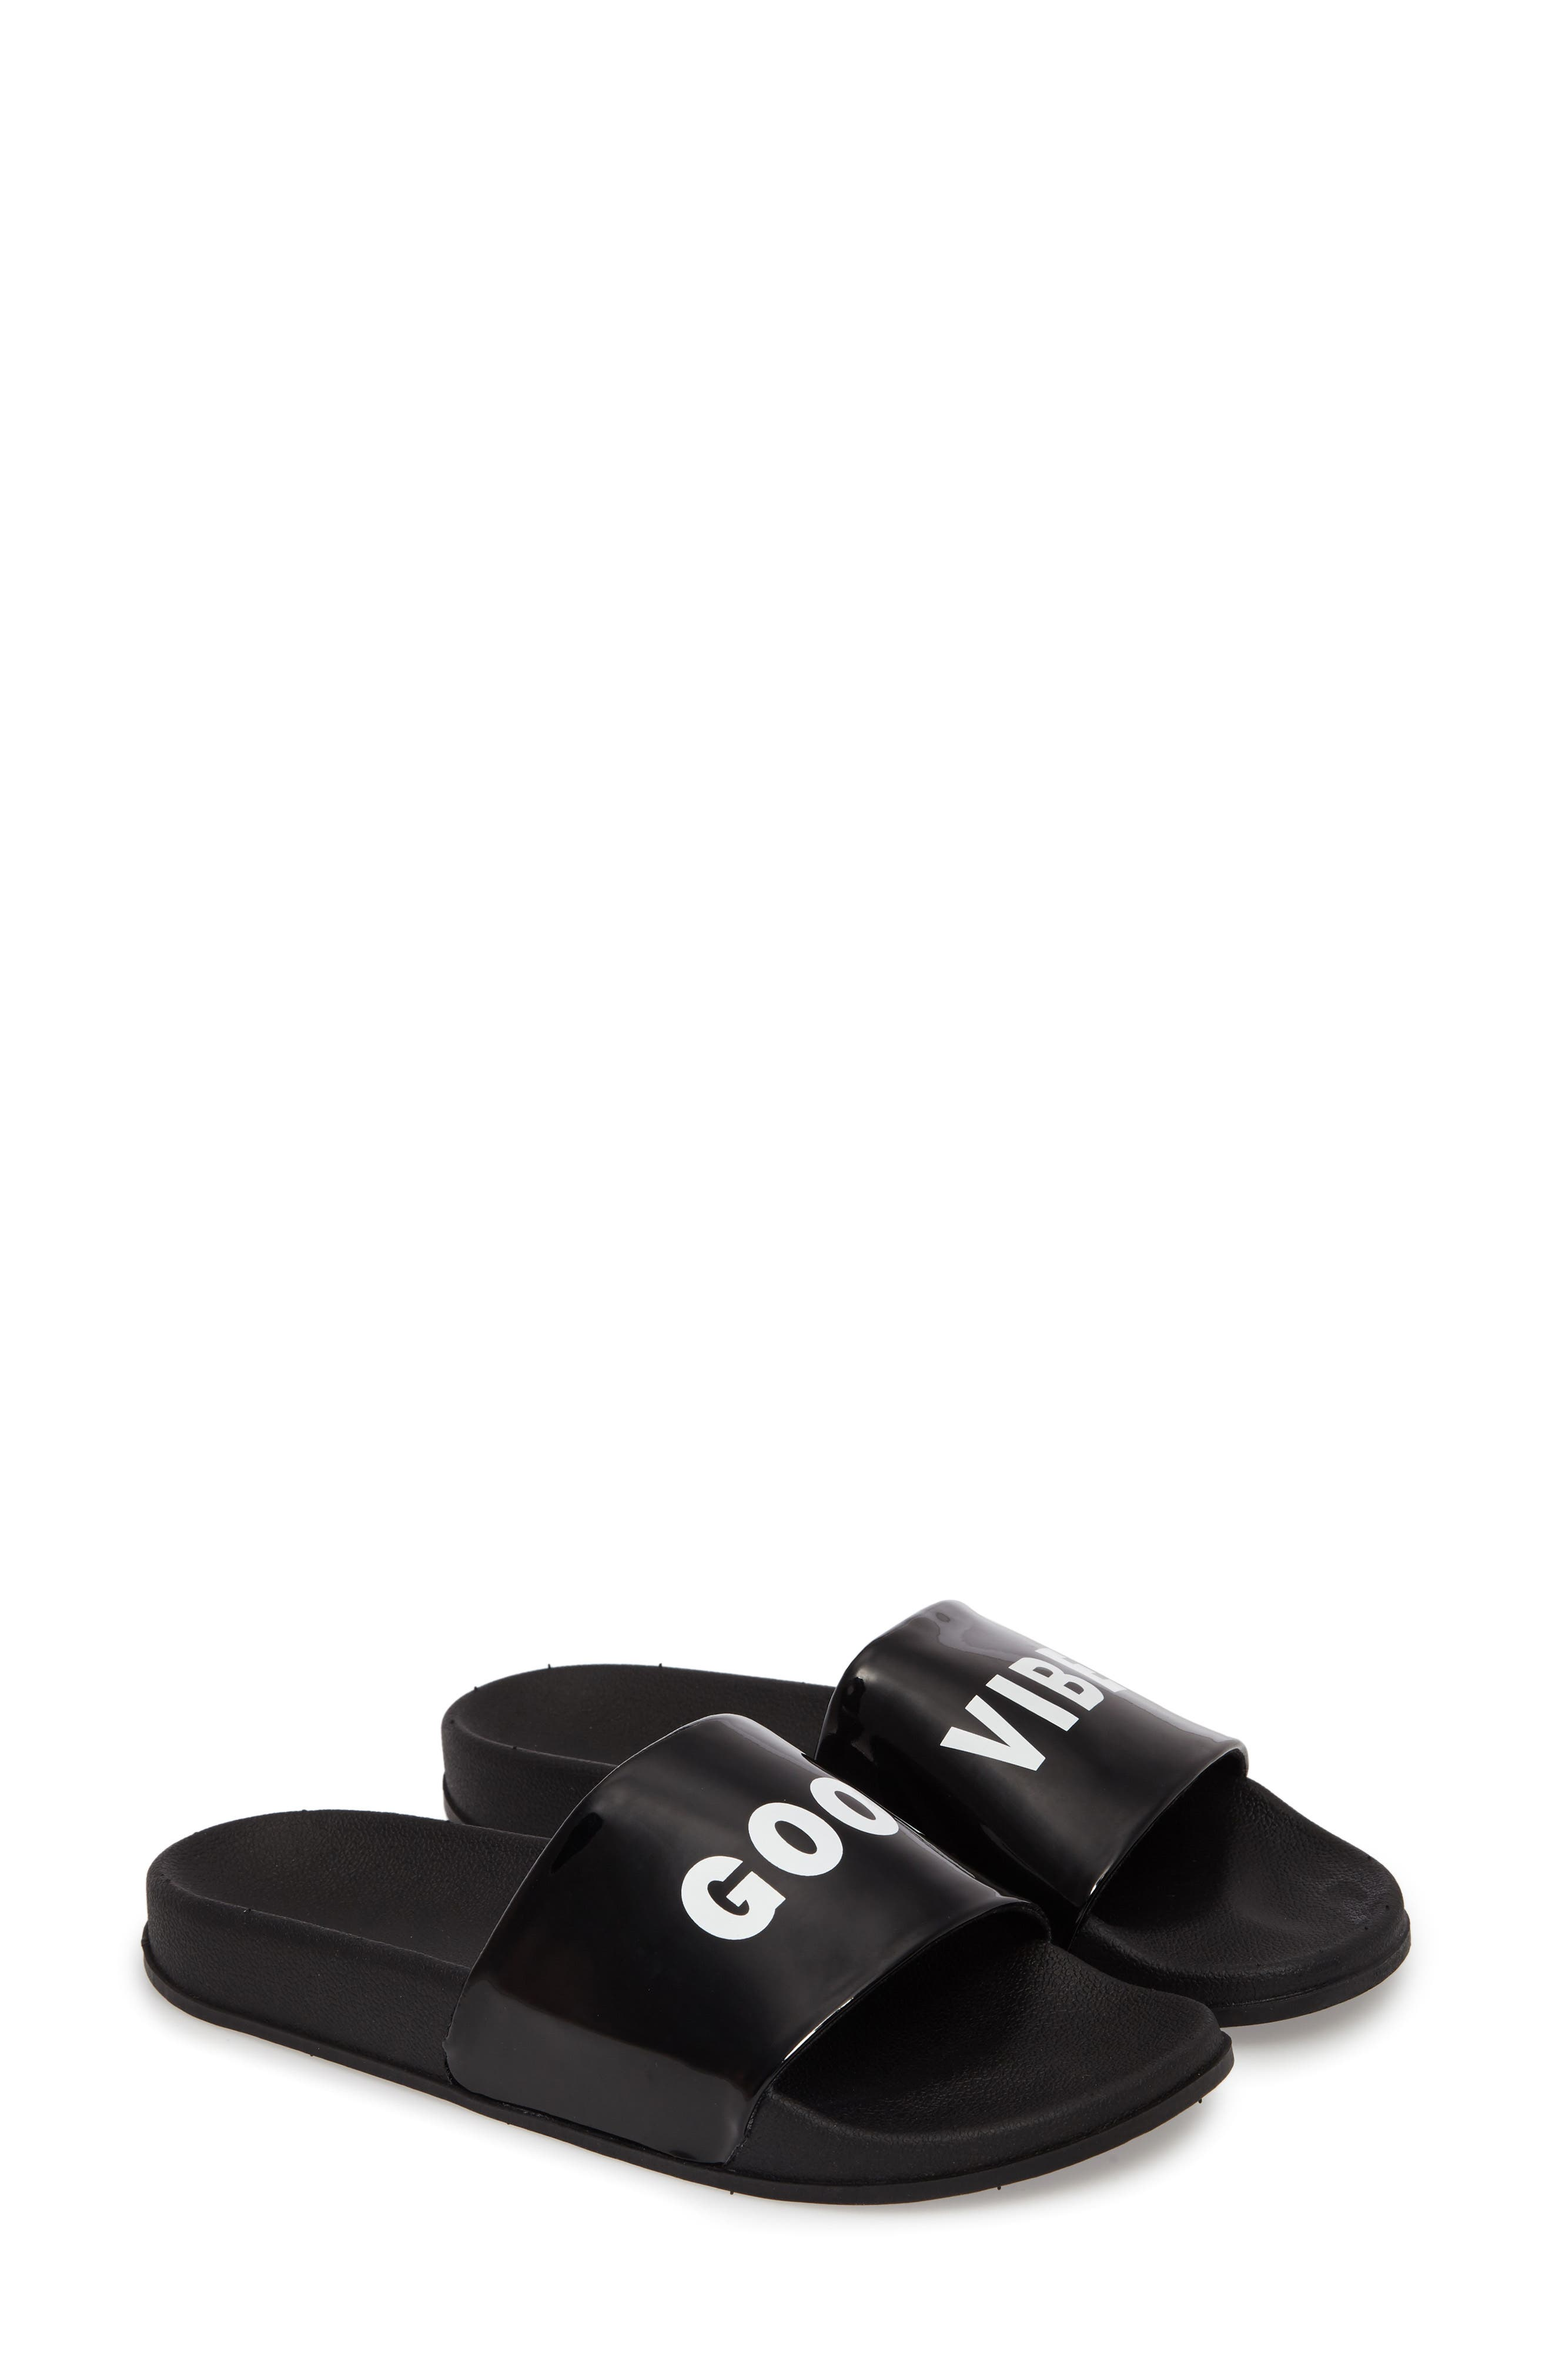 Show Slide Sandal,                             Alternate thumbnail 2, color,                             003